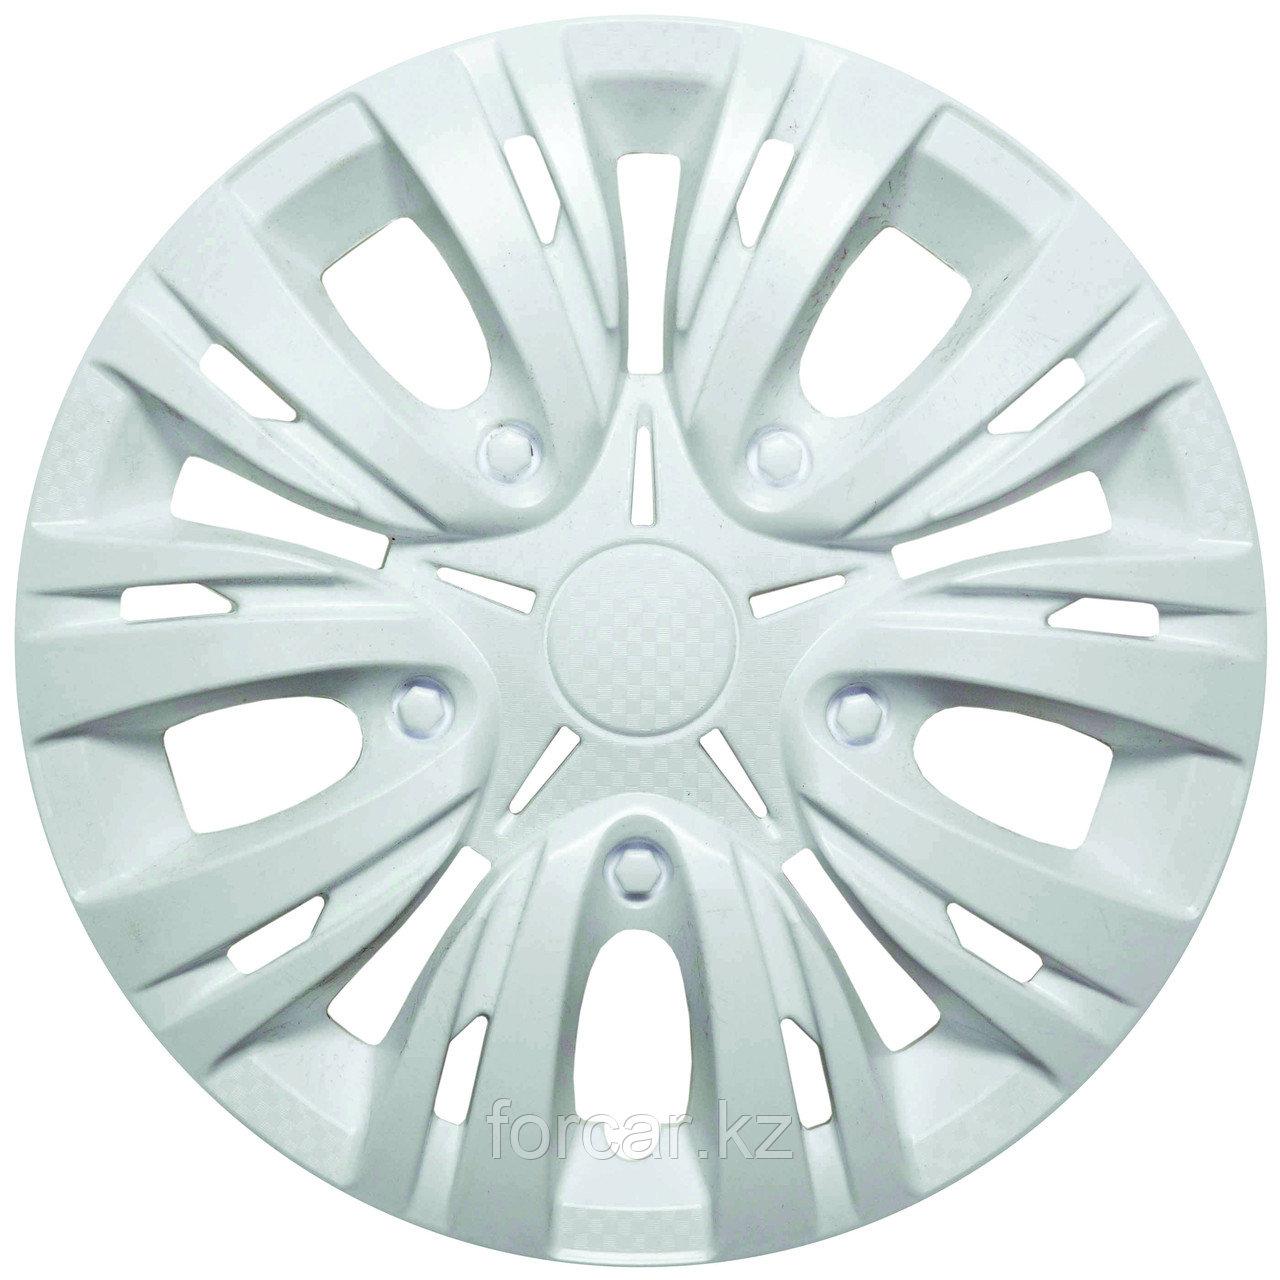 Колпак колесный 15 ЛИОН белый глянец карбон (4 шт.)